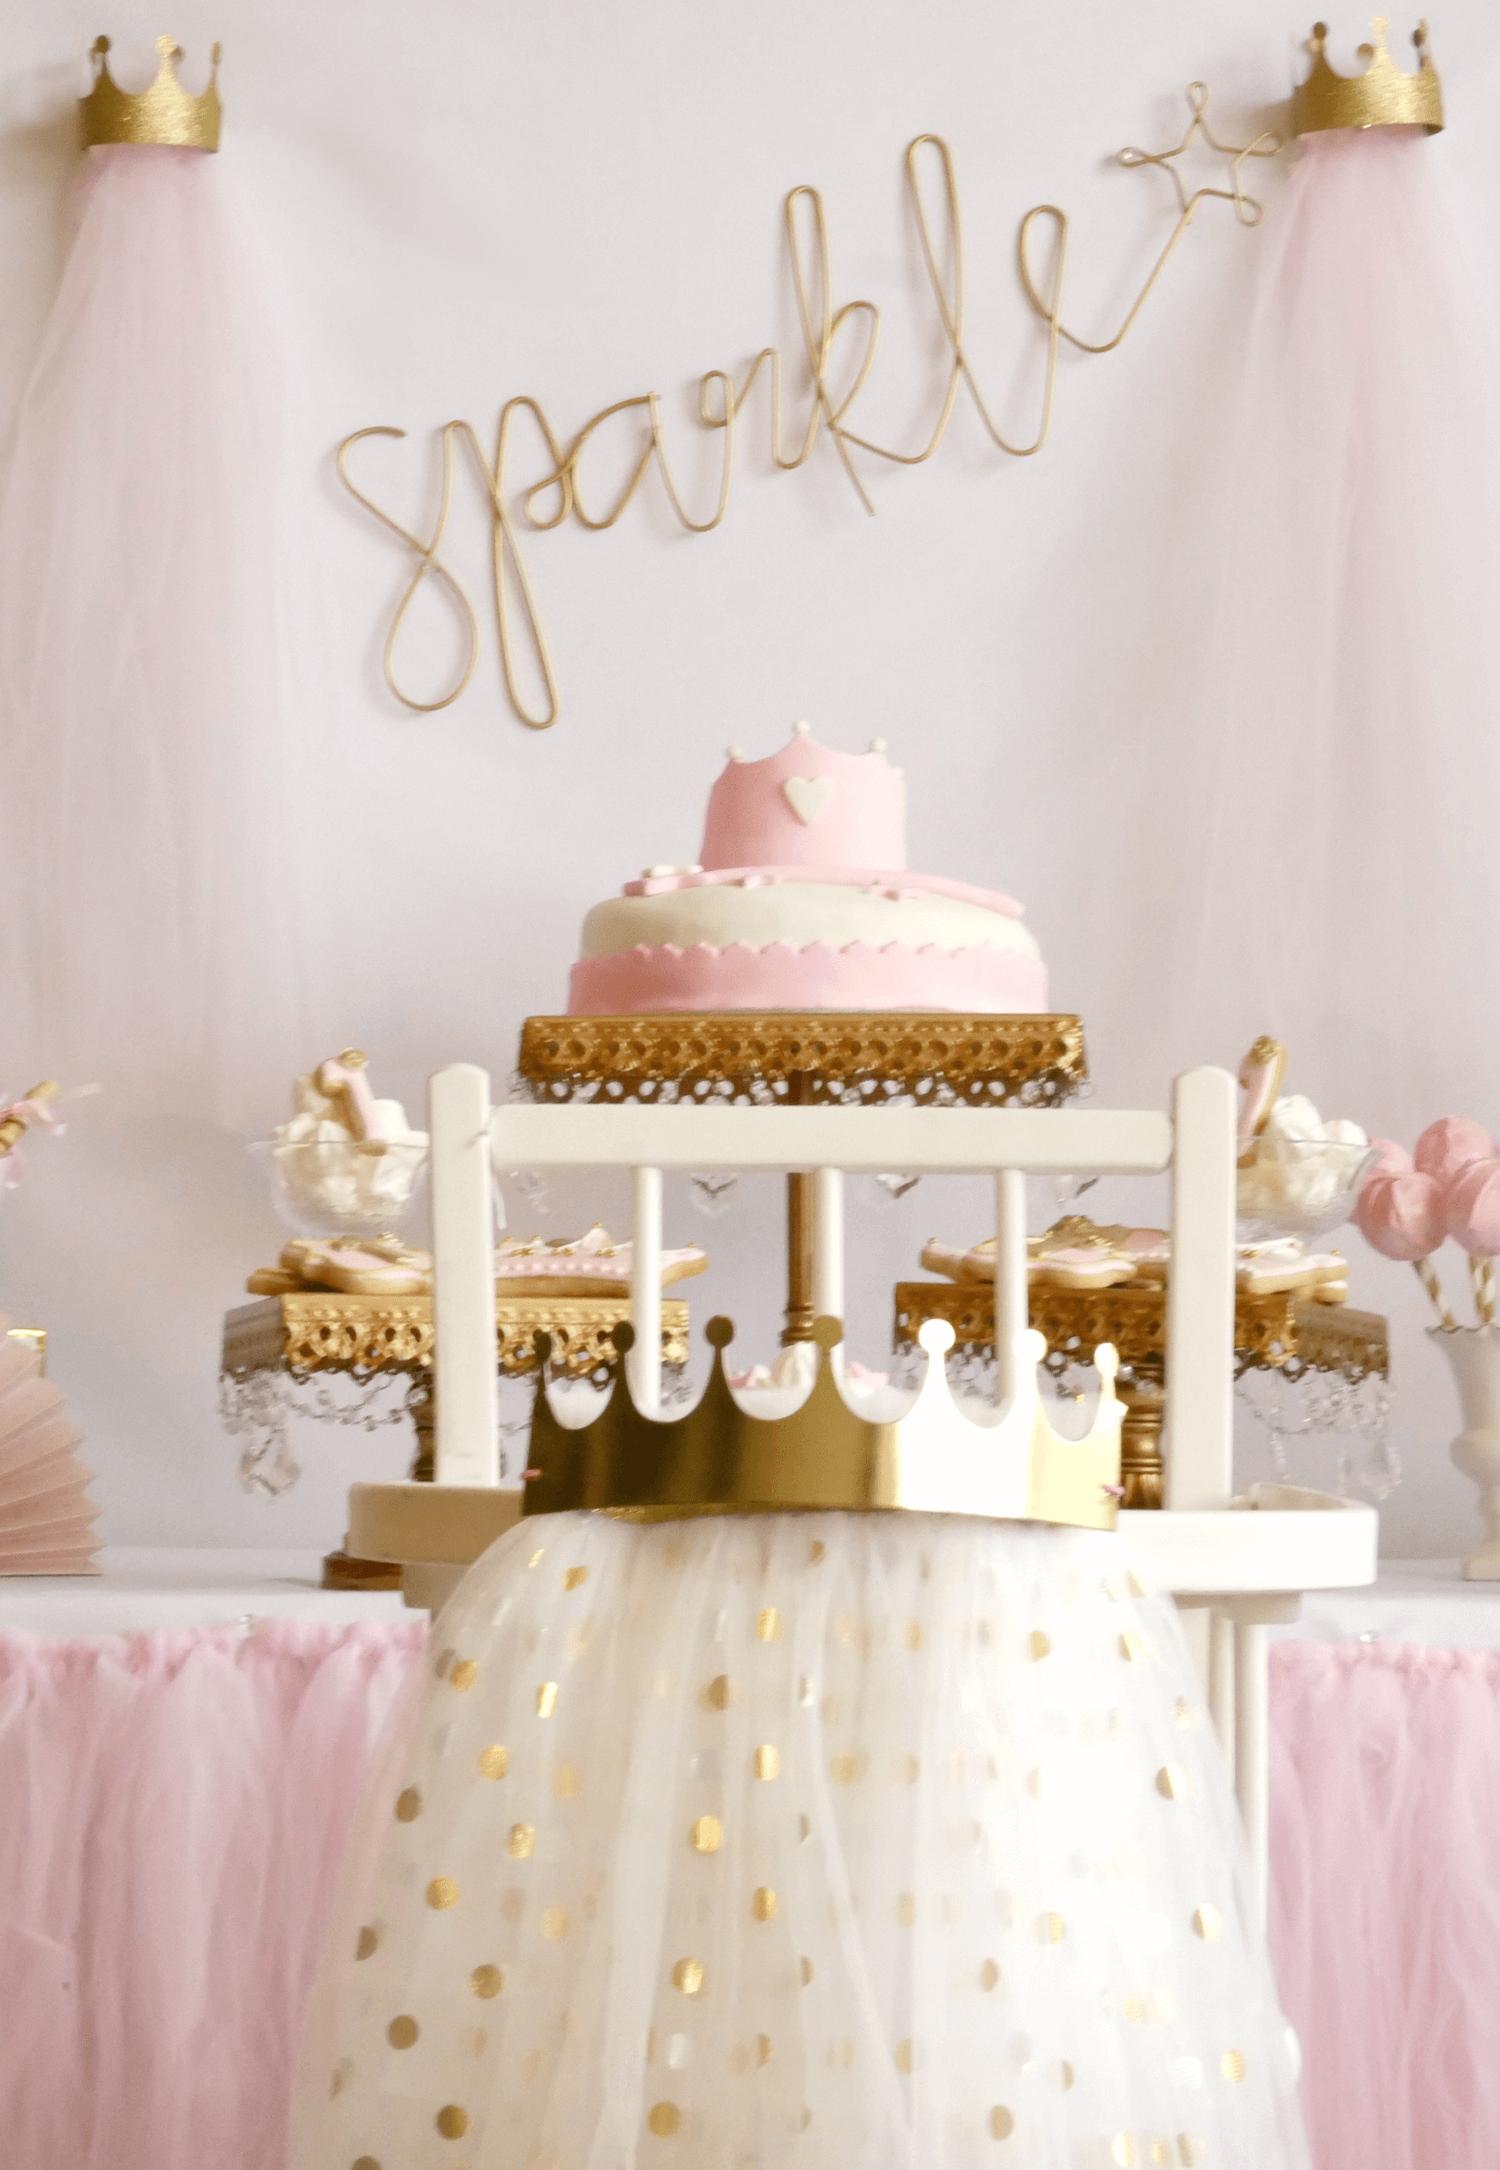 fotografia decoracion fiesta de princesa